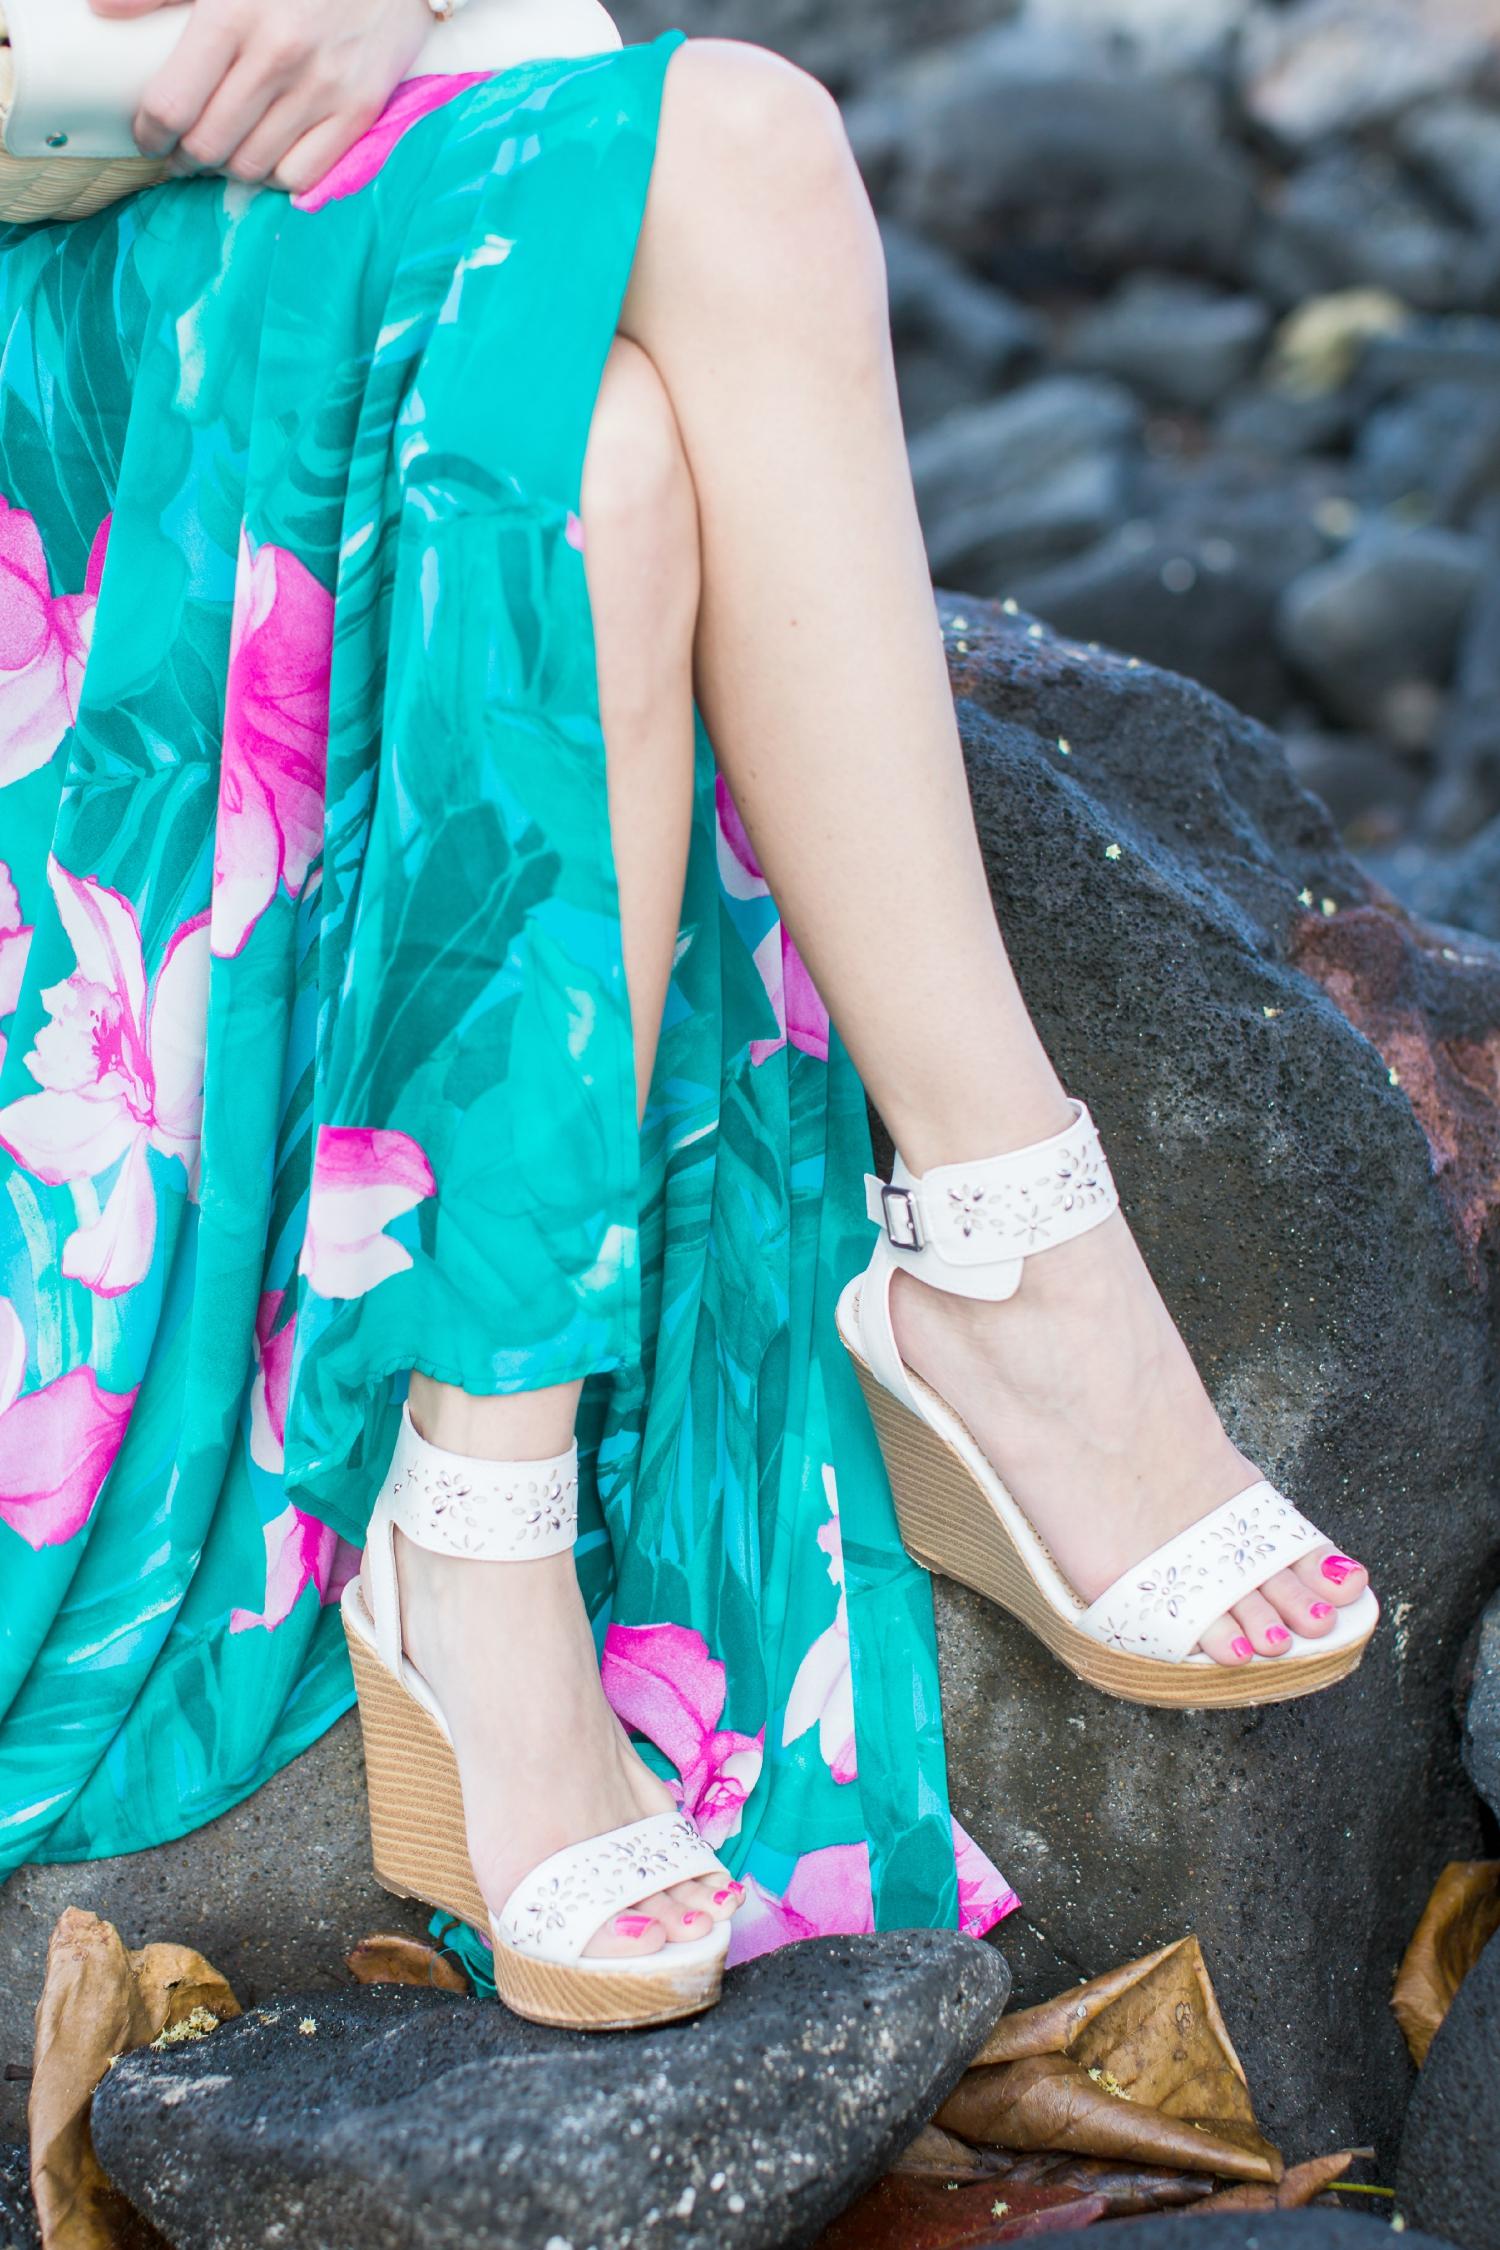 Hawaiian Maxi Dress, Show Me Your Mumu, Lei Bay, Hawaii, Karen Loudon Photography, Stephanie Ziajka, Diary of a Debutante